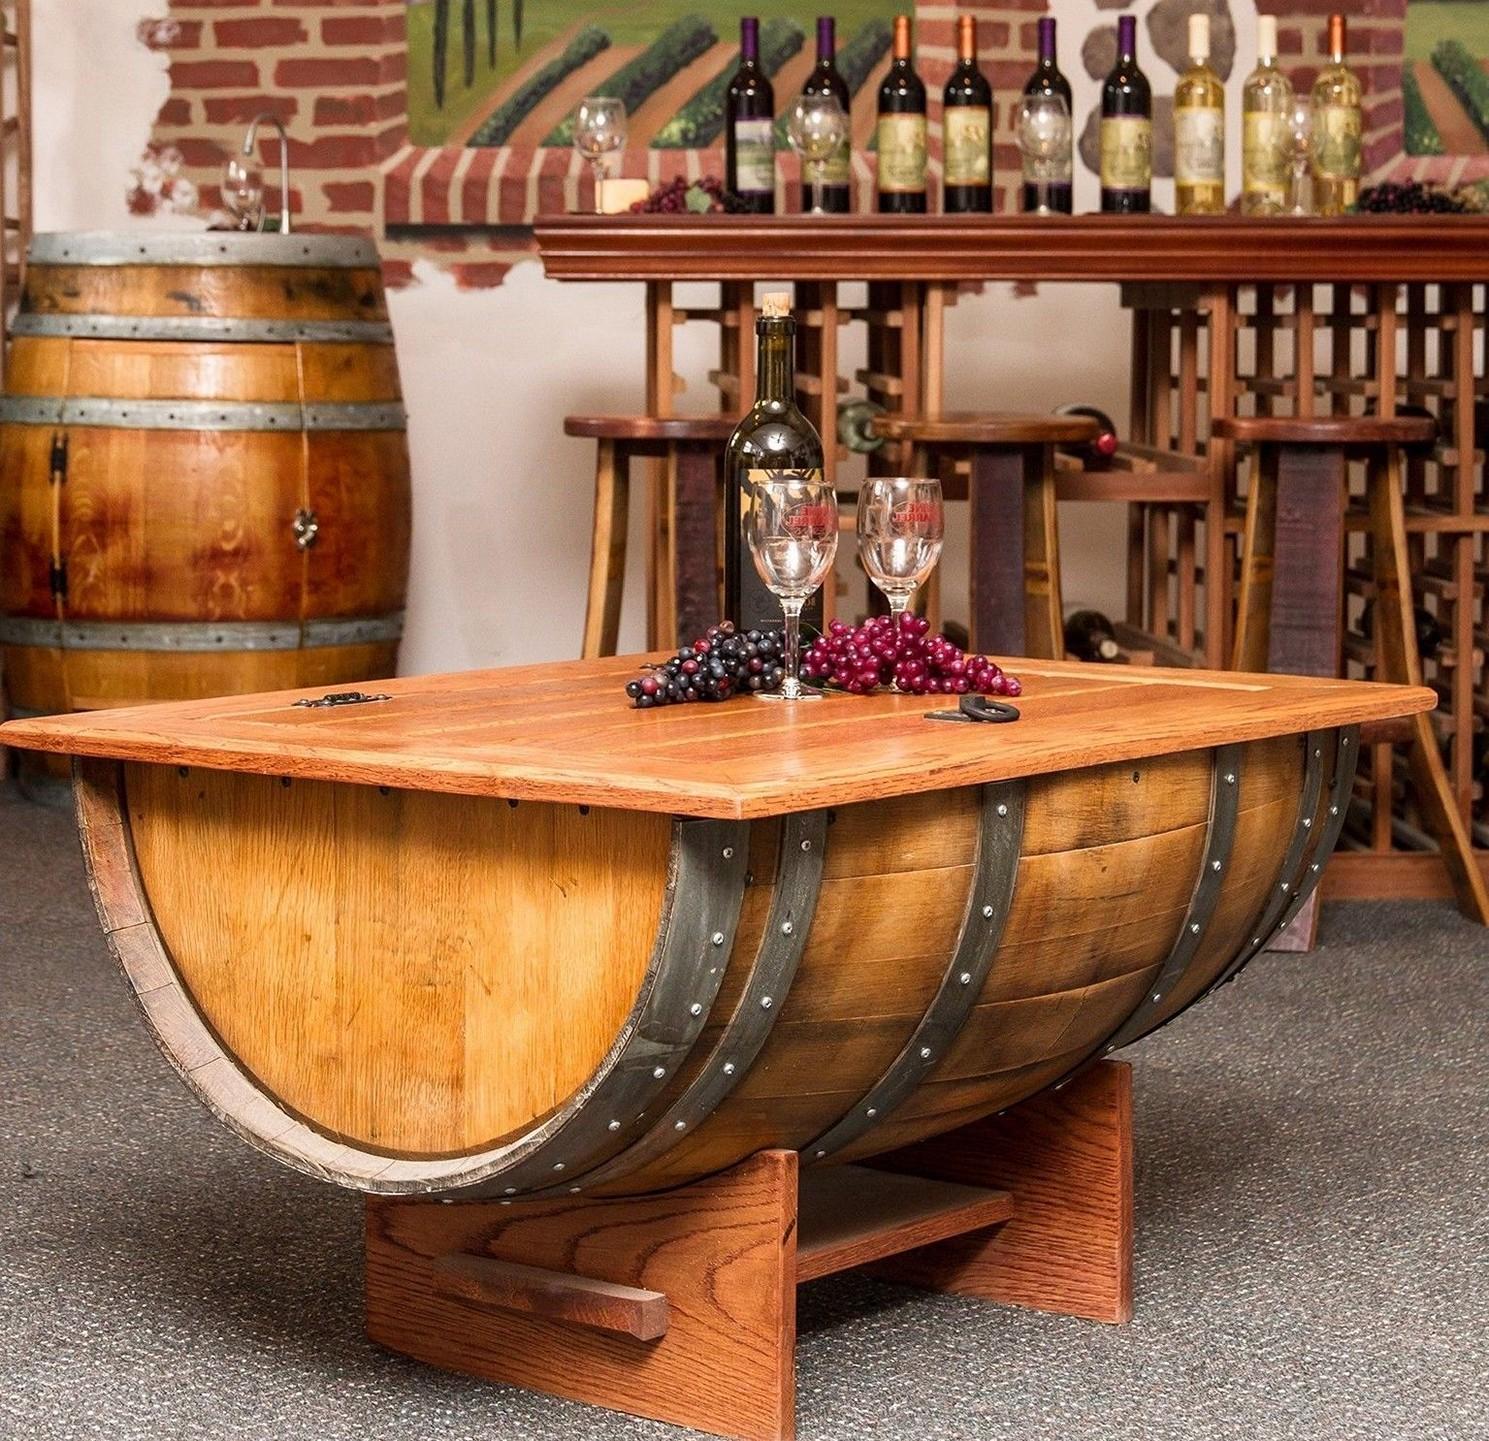 homme tout faire b nisterie table caf avec baril de vin. Black Bedroom Furniture Sets. Home Design Ideas